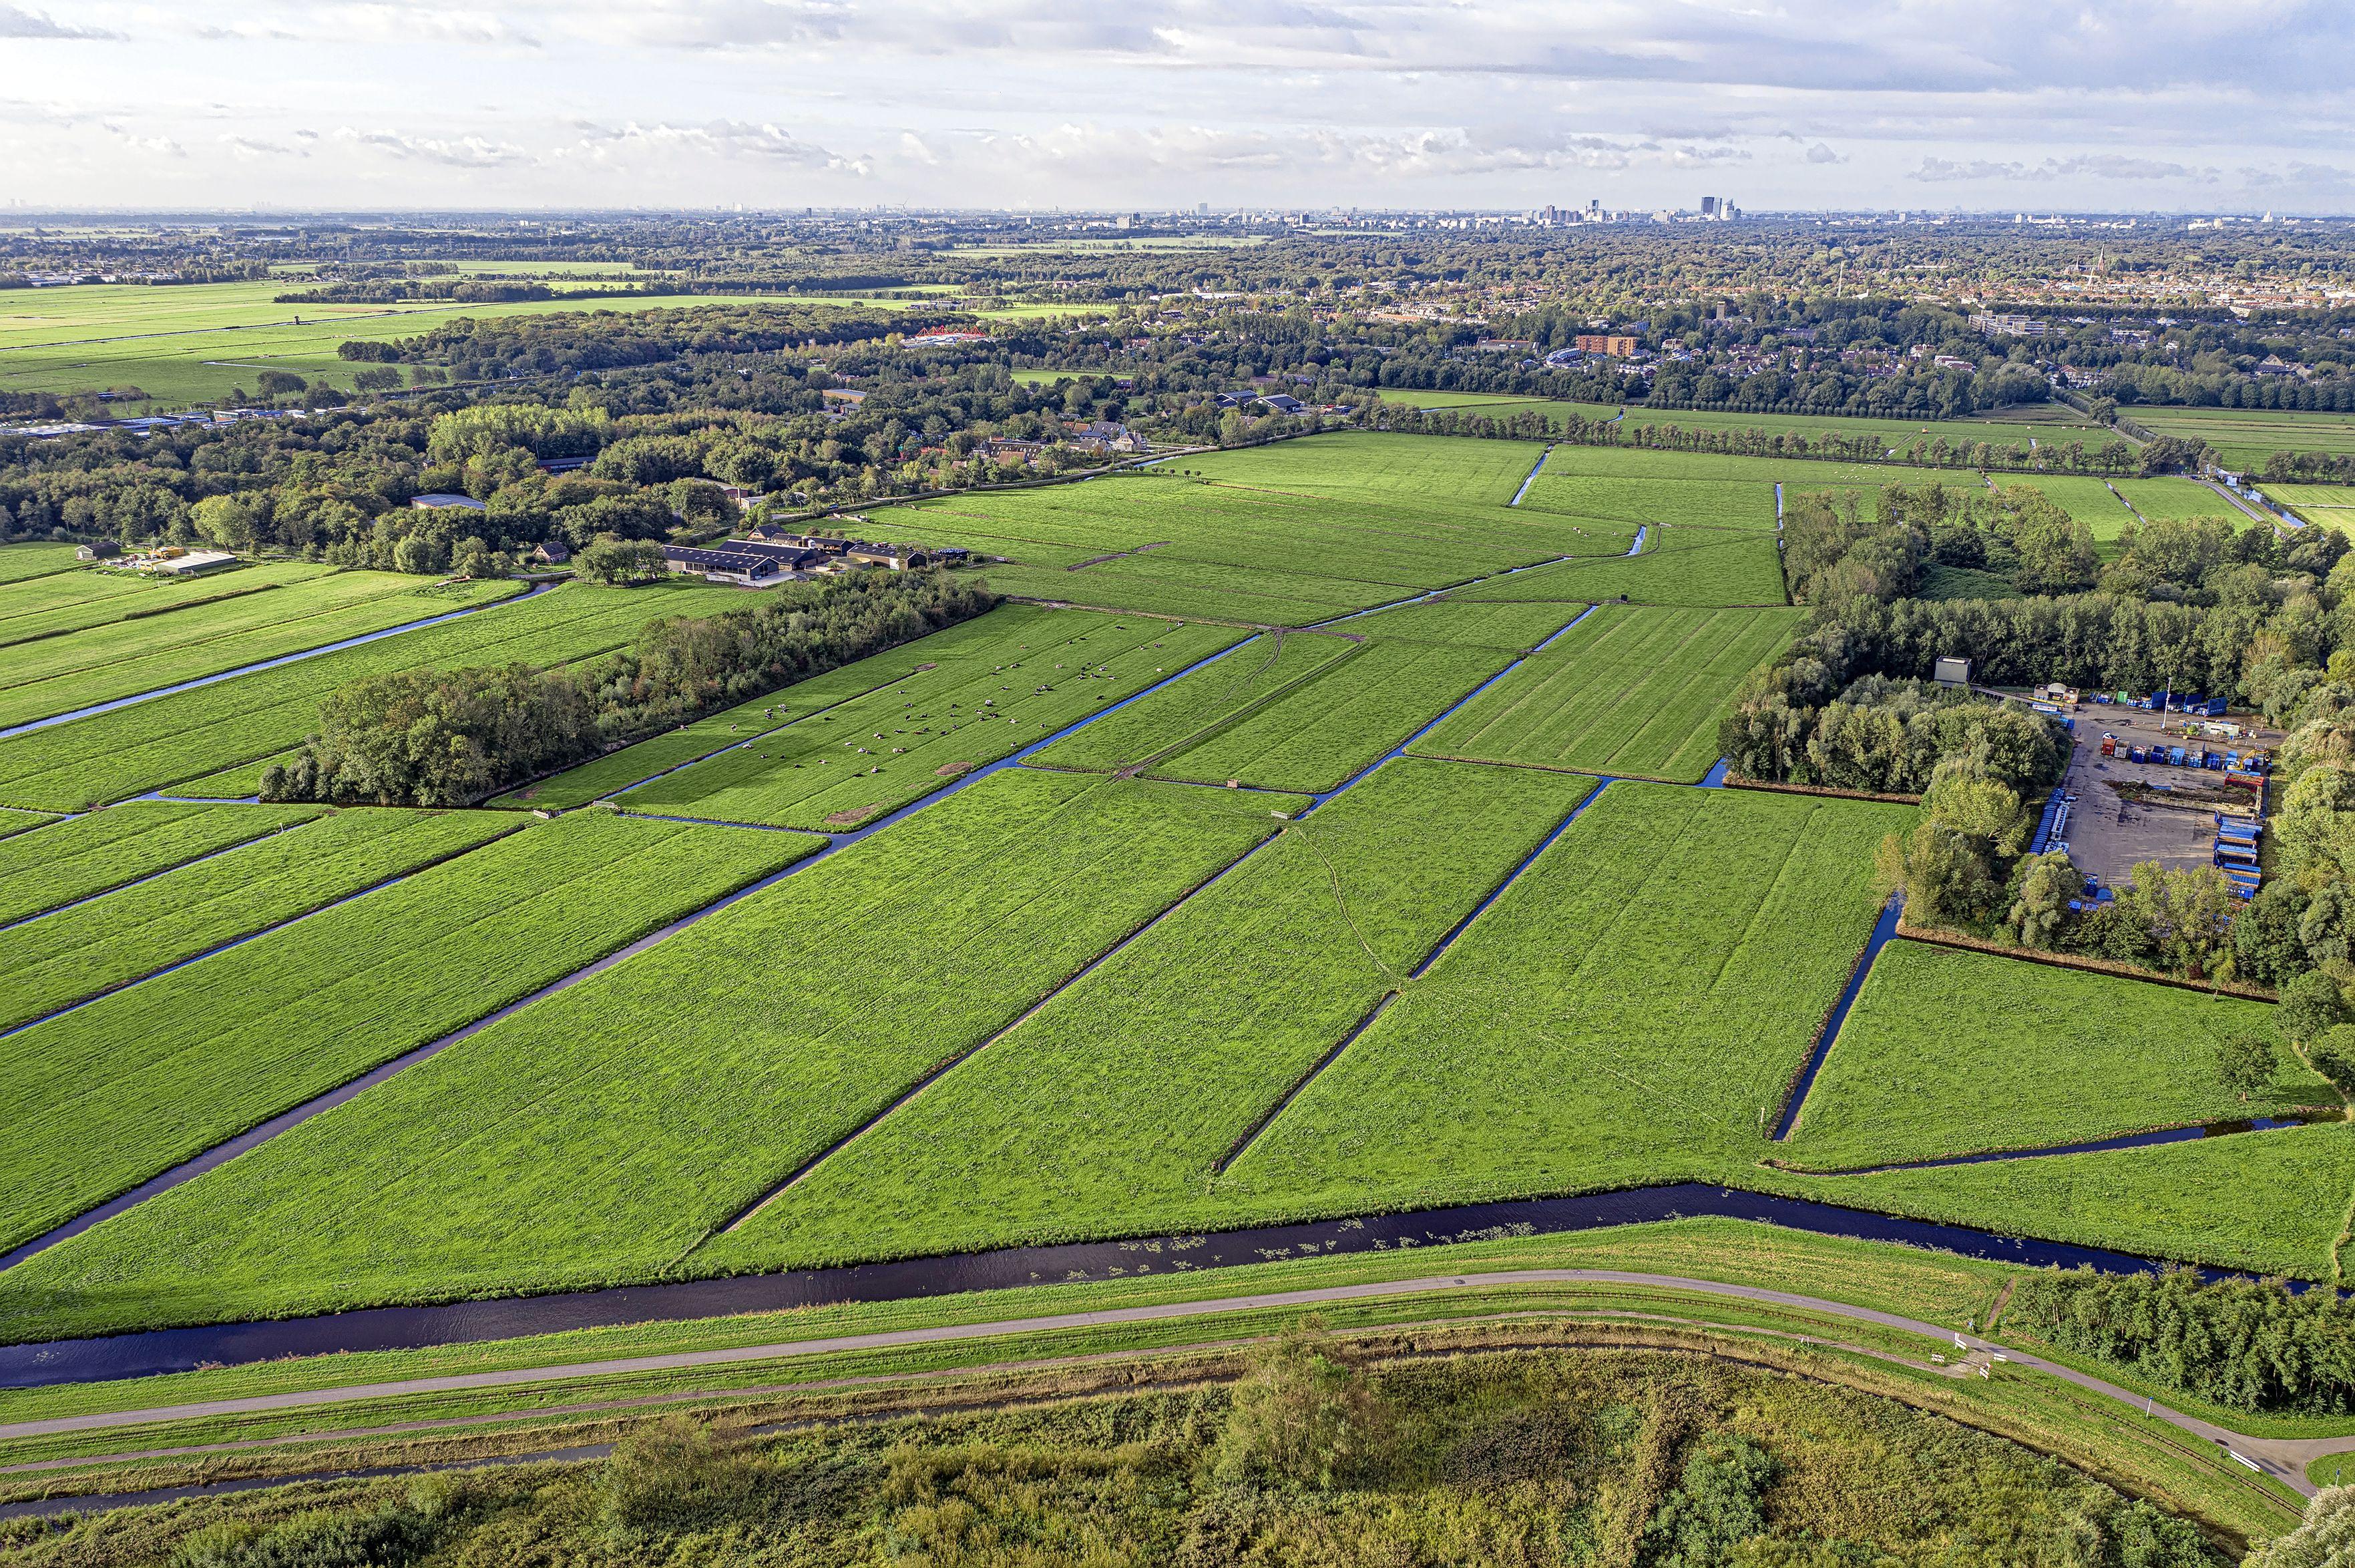 Wassenaar boos op Katwijk over bouwplannen in nieuw dorp Valkenhorst: 'We willen geen hoog flatgebouw op onze grens'